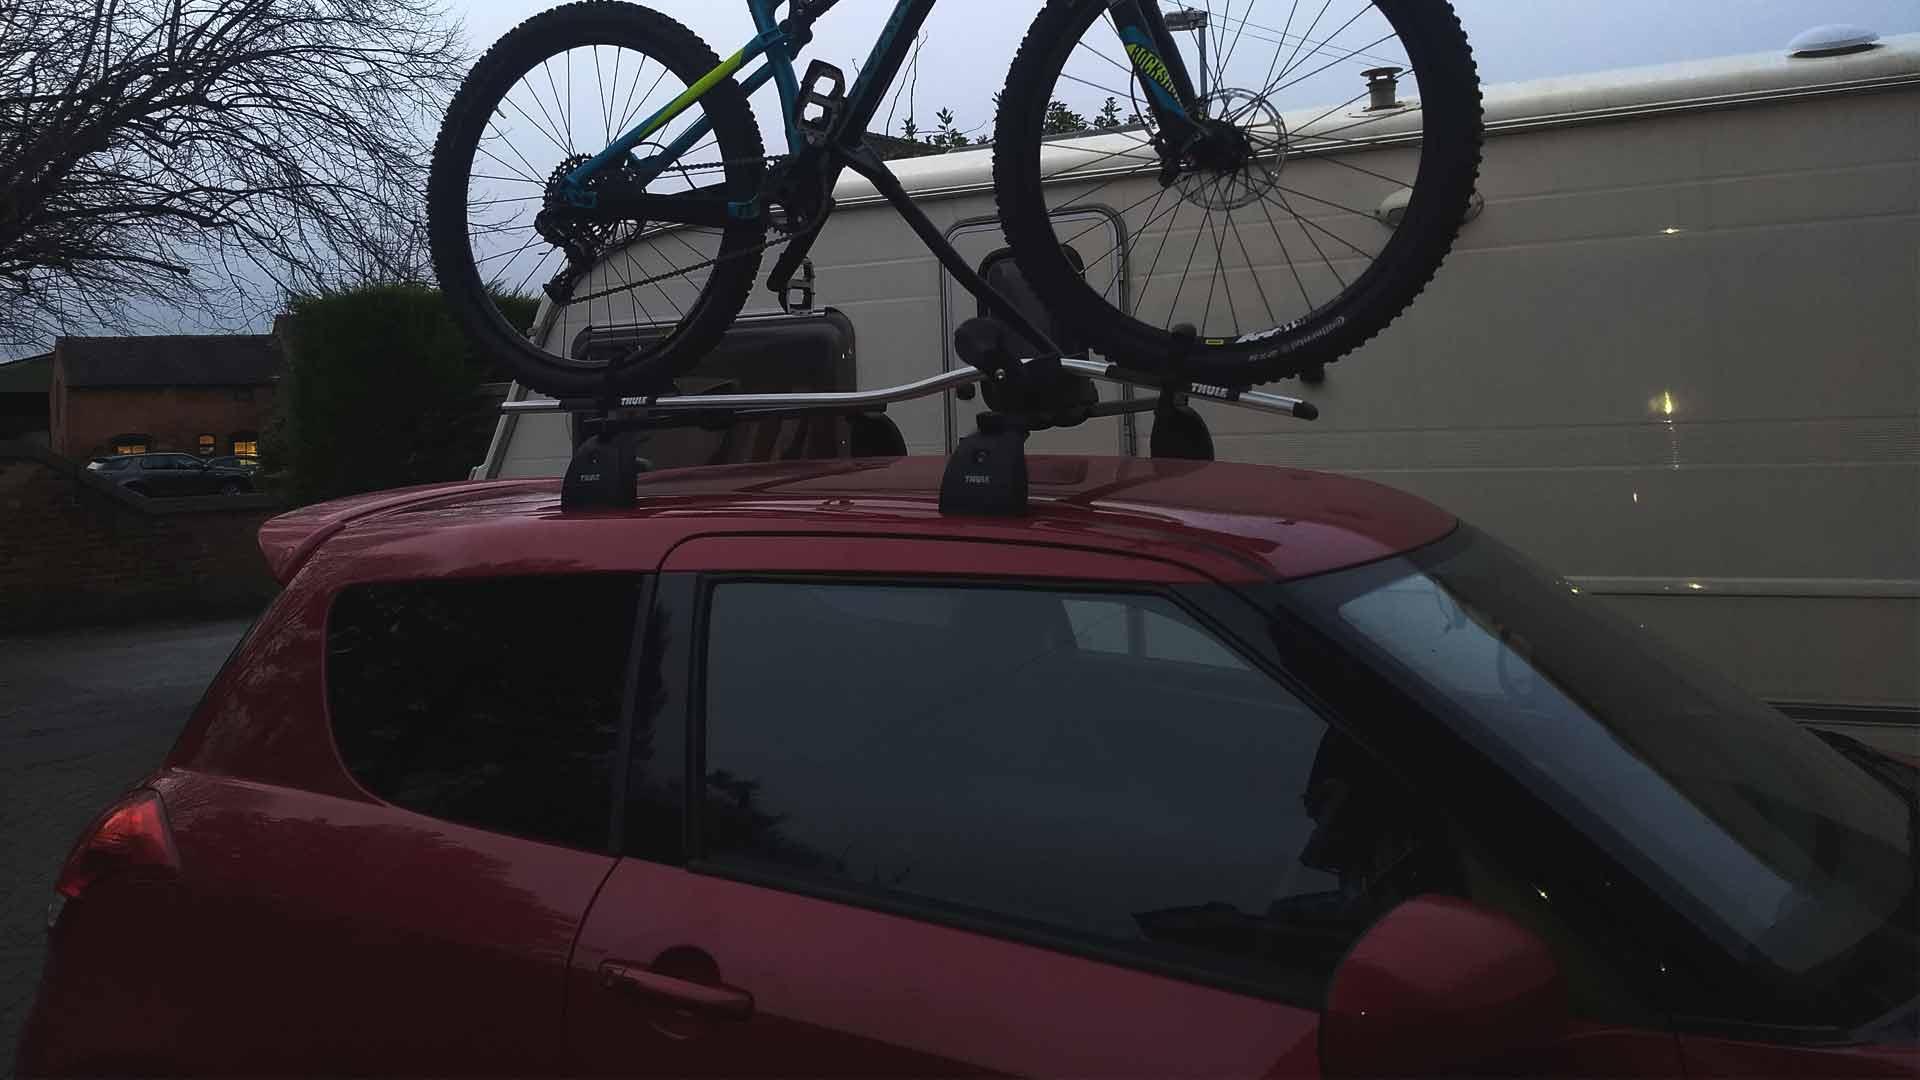 suzuki swift bike rack